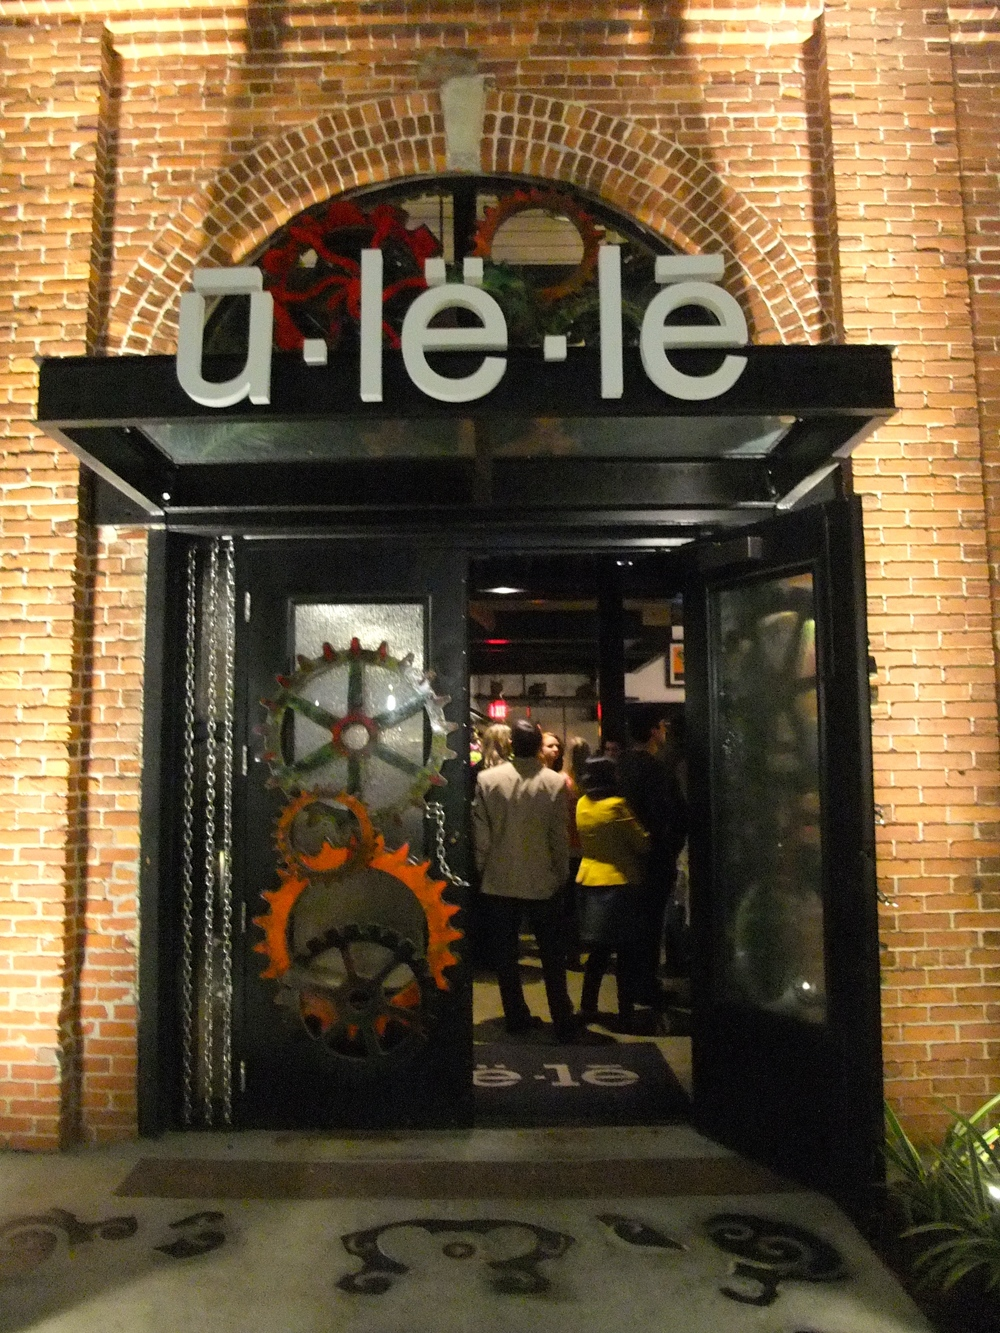 The entrance to Ulele